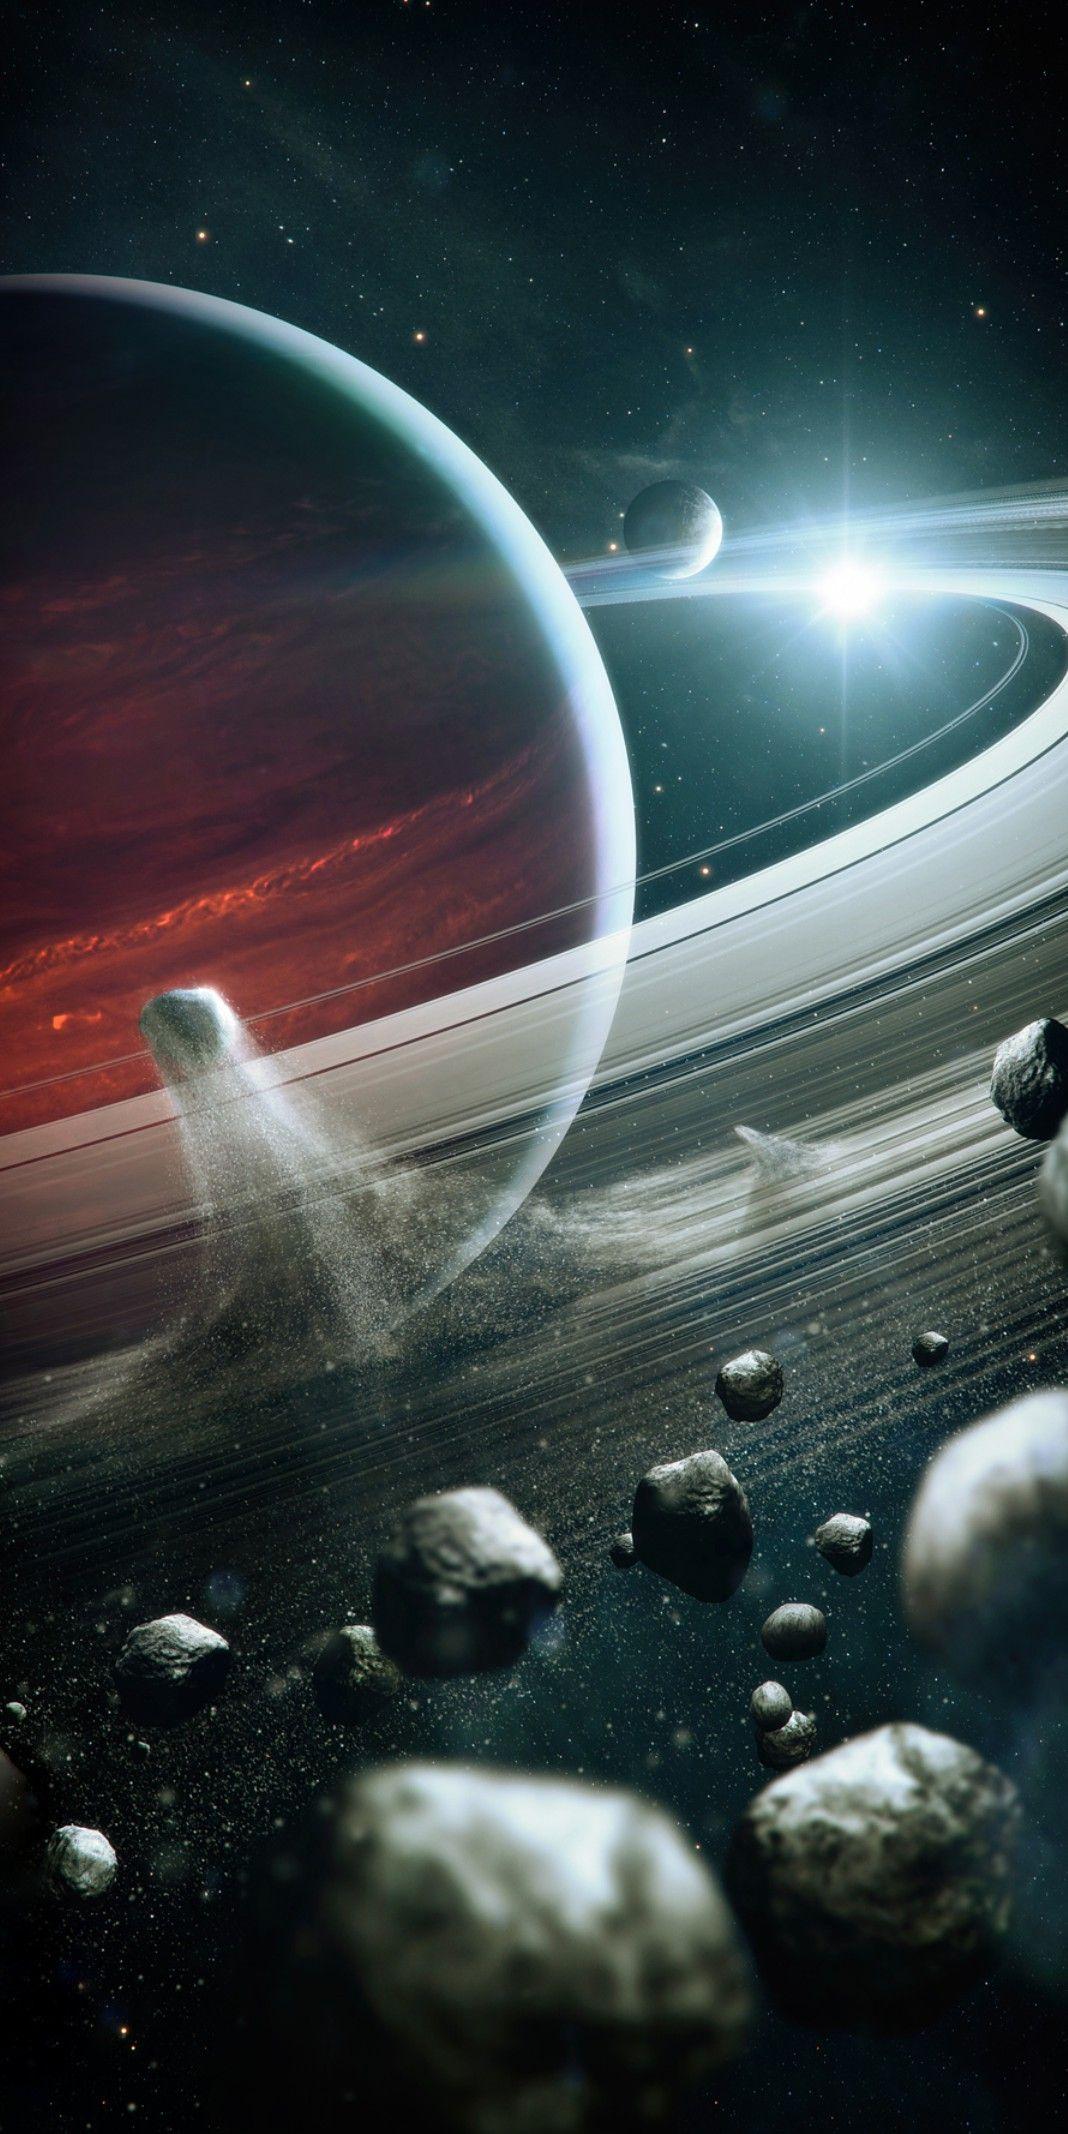 Pin De Celia Chebouti Em Space Astronaut Pictures Espaco E Astronomia Imagens Fantasticas Pintura Do Espaco